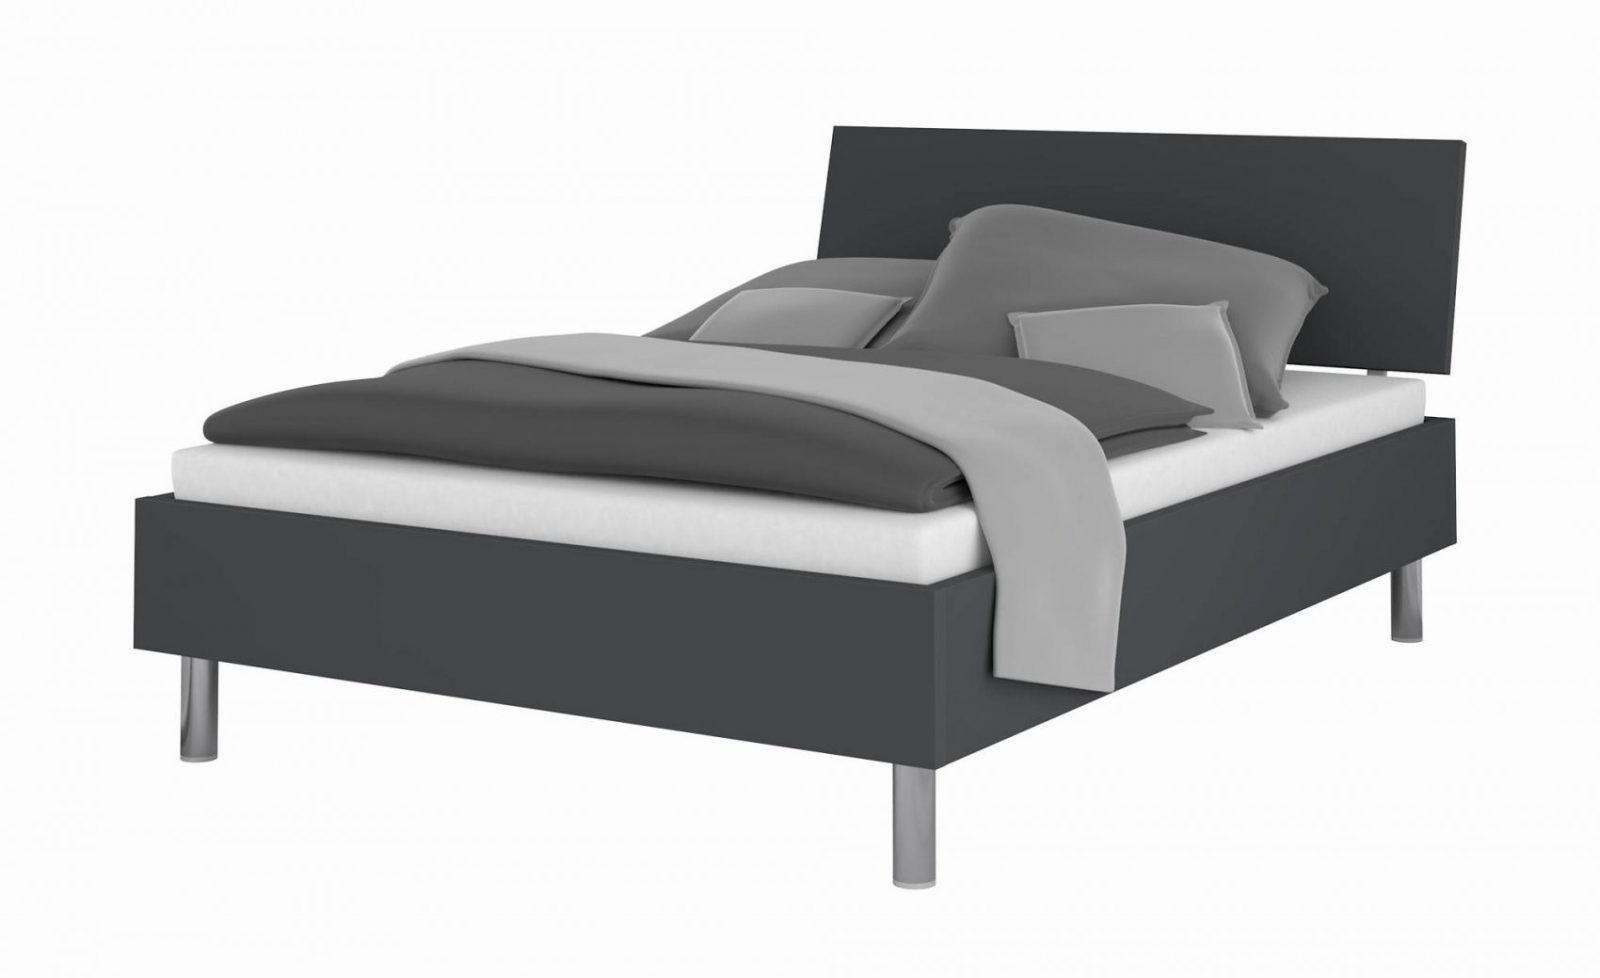 Futonbett 120×200 Frisch Bett 120×200 Mit Lattenrost Und Matratze von Futonbett 120X200 Mit Lattenrost Und Matratze Photo